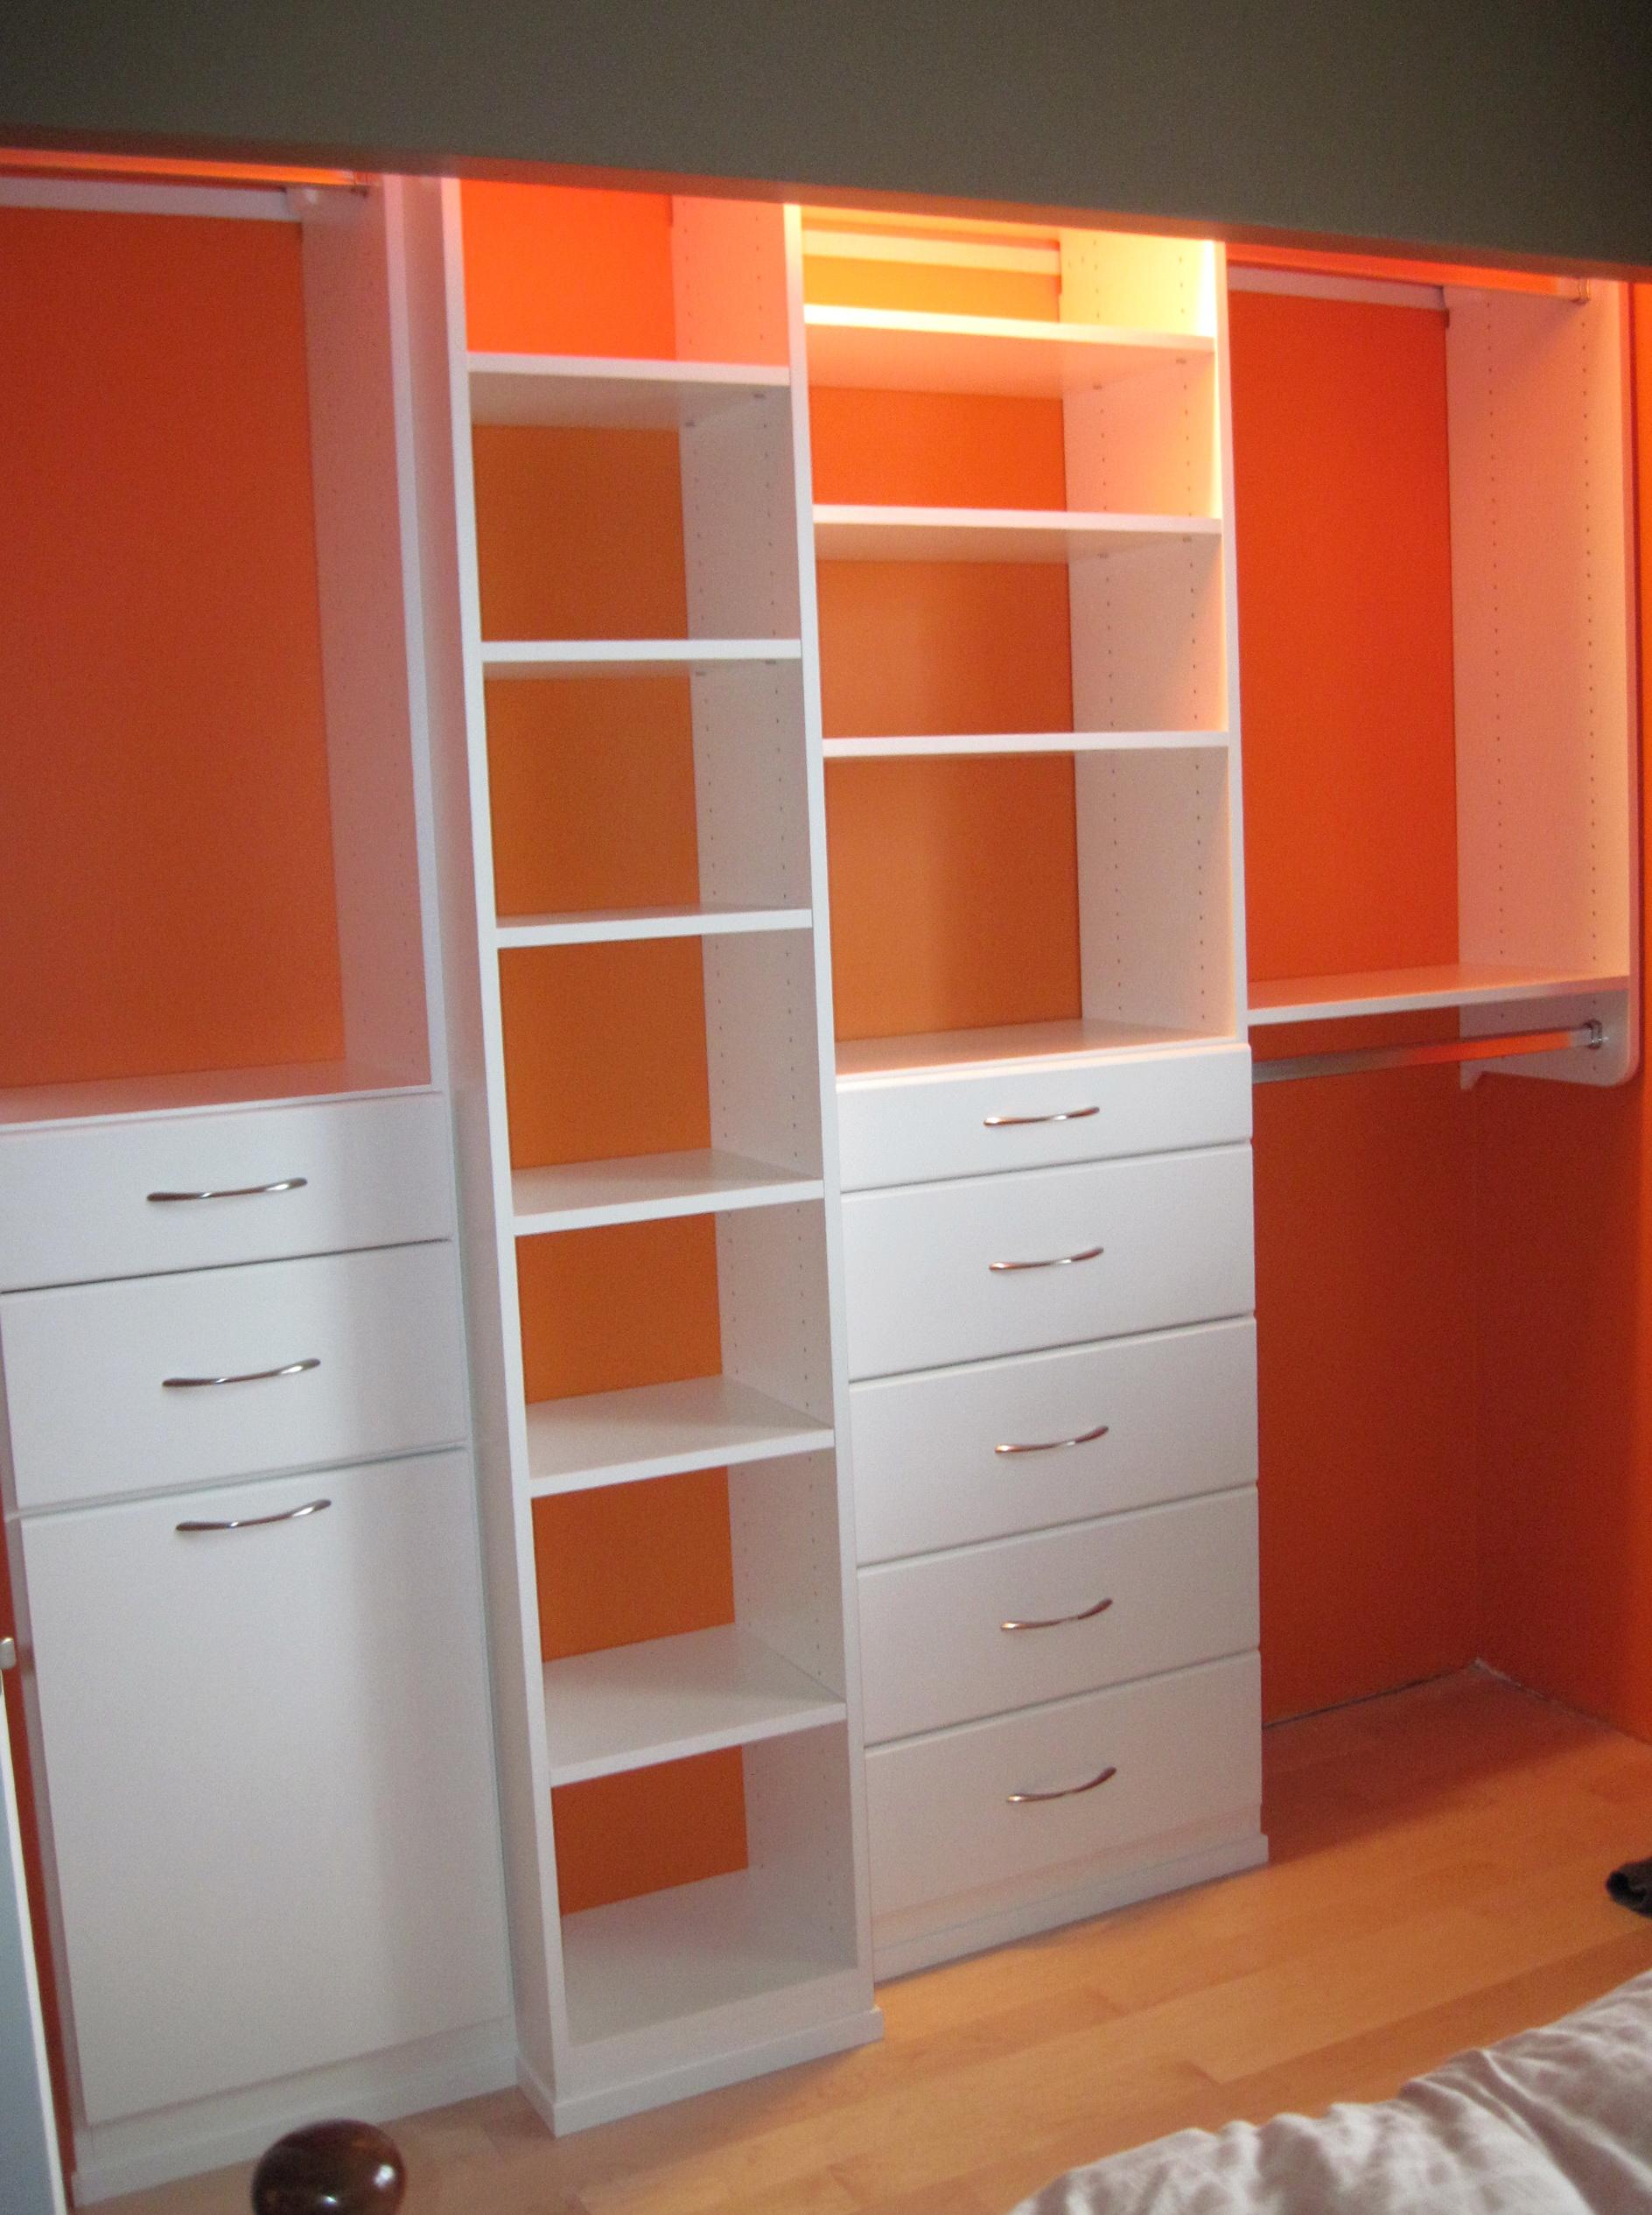 Home Depot White Closet Organizers Home Design Ideas